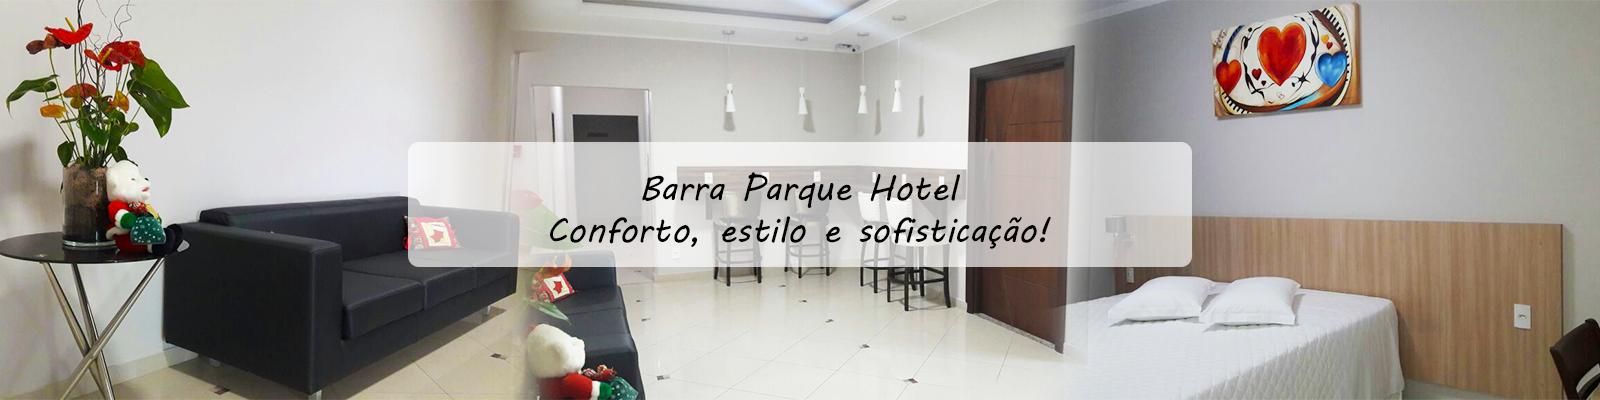 barra-parque-hotel-jaragua-do-sul-conforto-estilo-sofisticacao